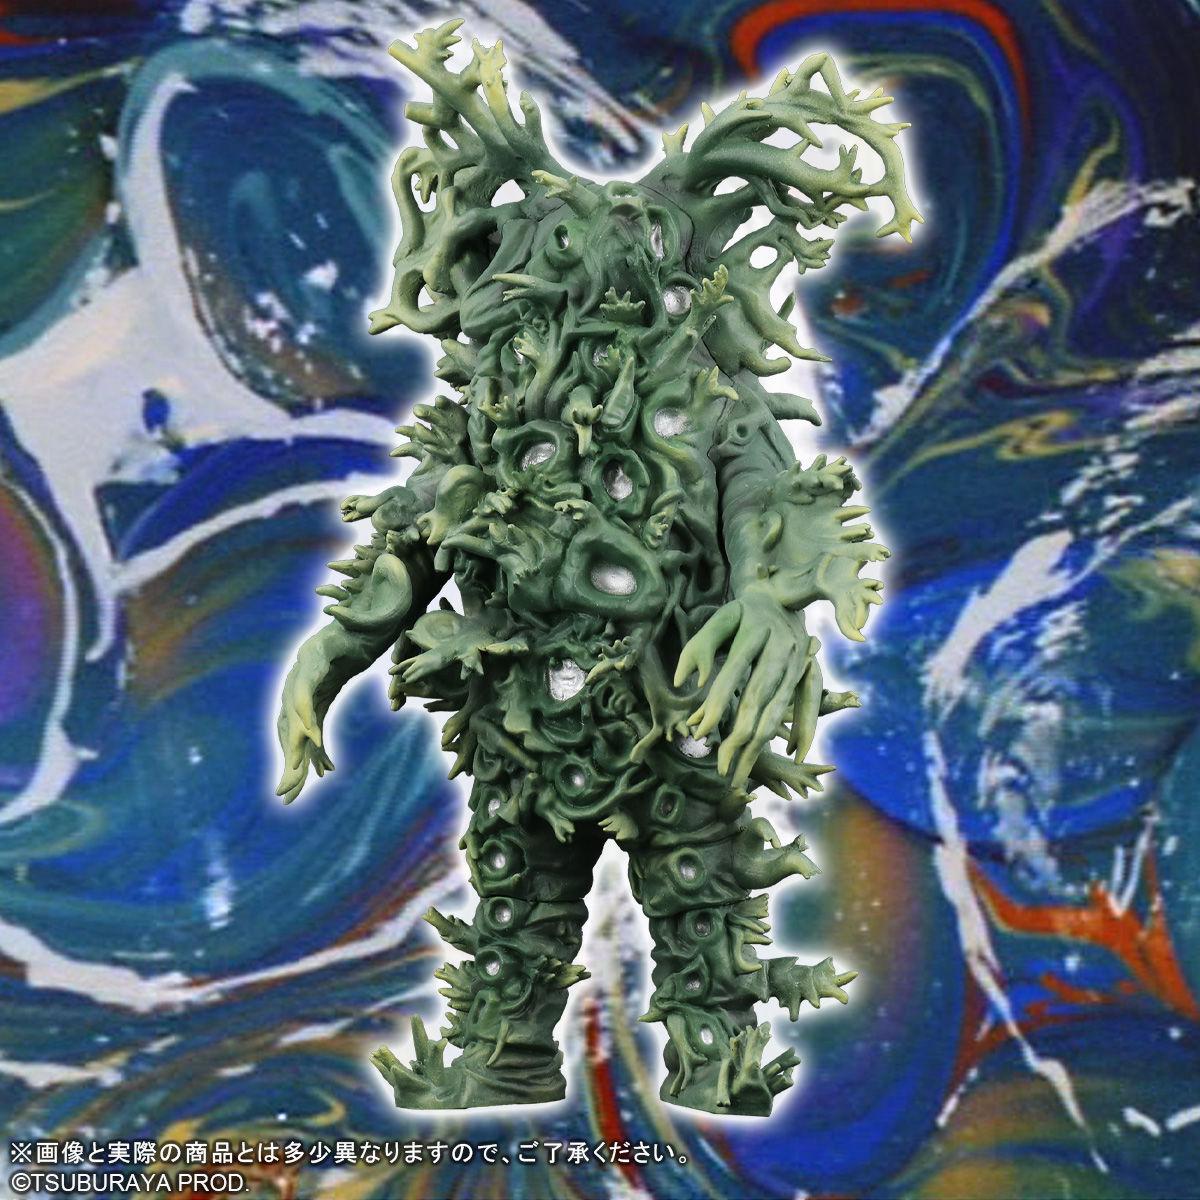 【限定販売】ウルトラ大怪獣シリーズ5000『ワイアール星人/カメレキング』完成品フィギュア-002